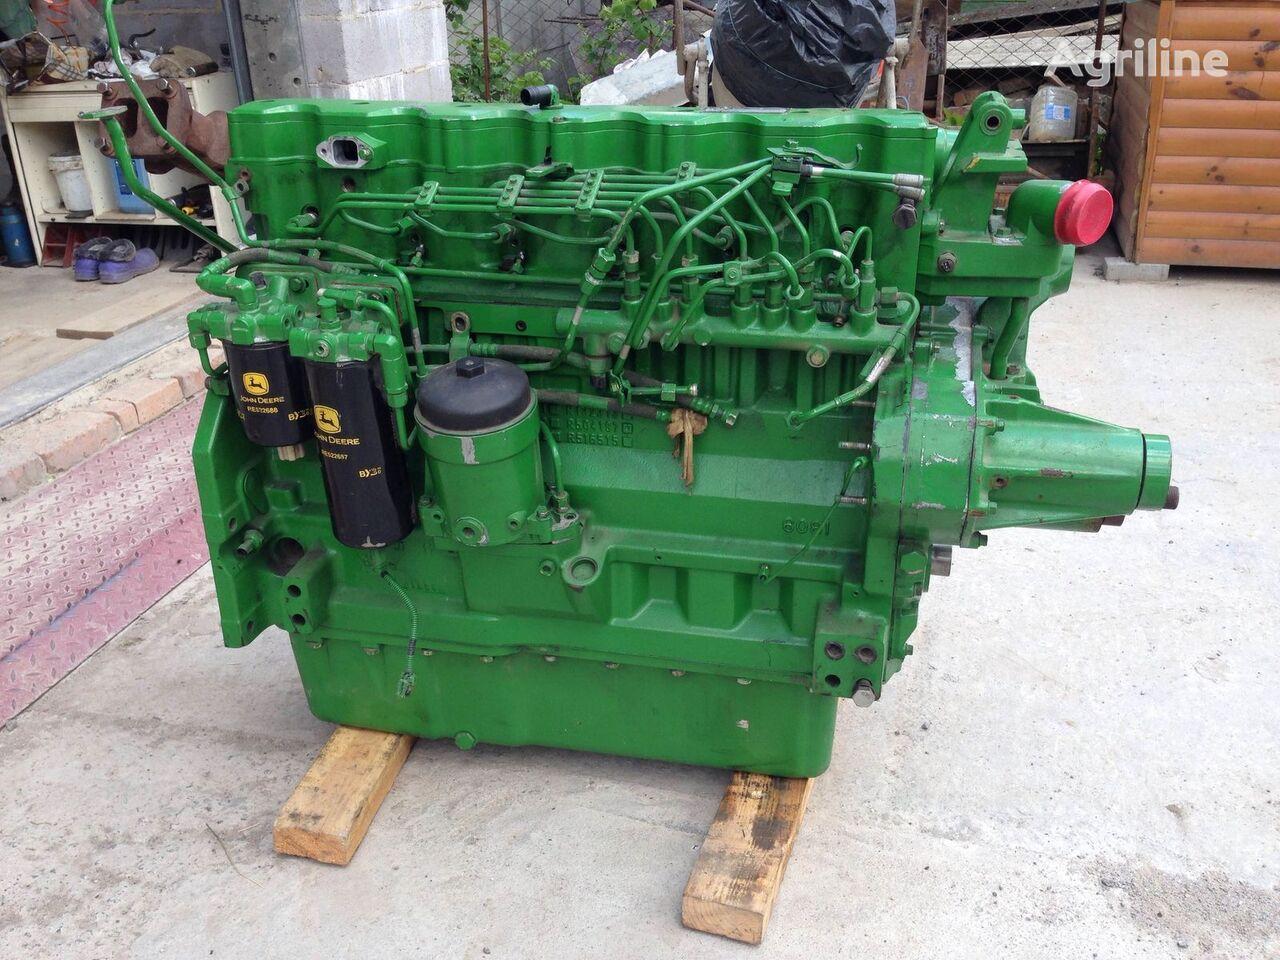 vente des moteur john deere rw8420p028422 pour tracteur john deere neuf de l 39 ukraine acheter. Black Bedroom Furniture Sets. Home Design Ideas